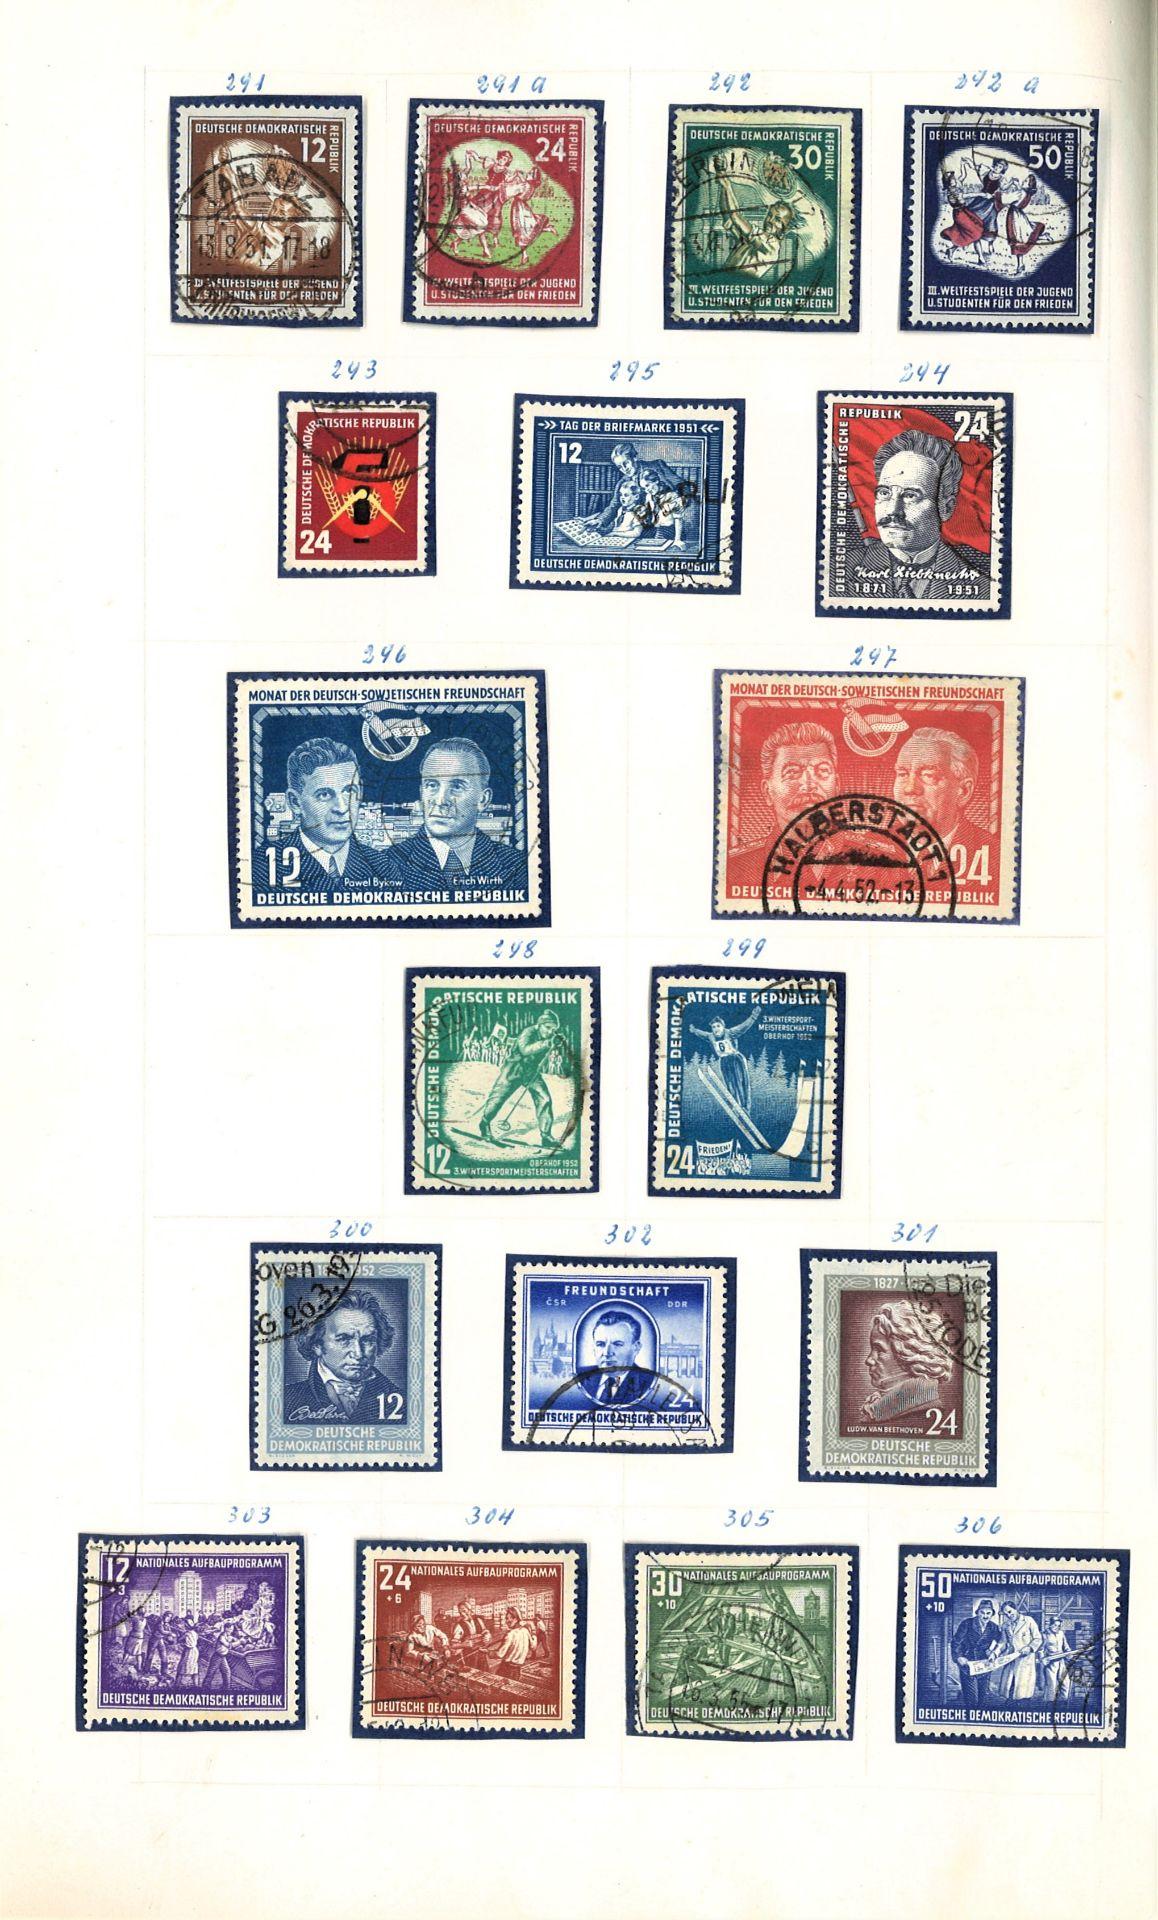 DDR Teilsammlung, gestempelt ab Anfänge bis 1969. - Image 6 of 8